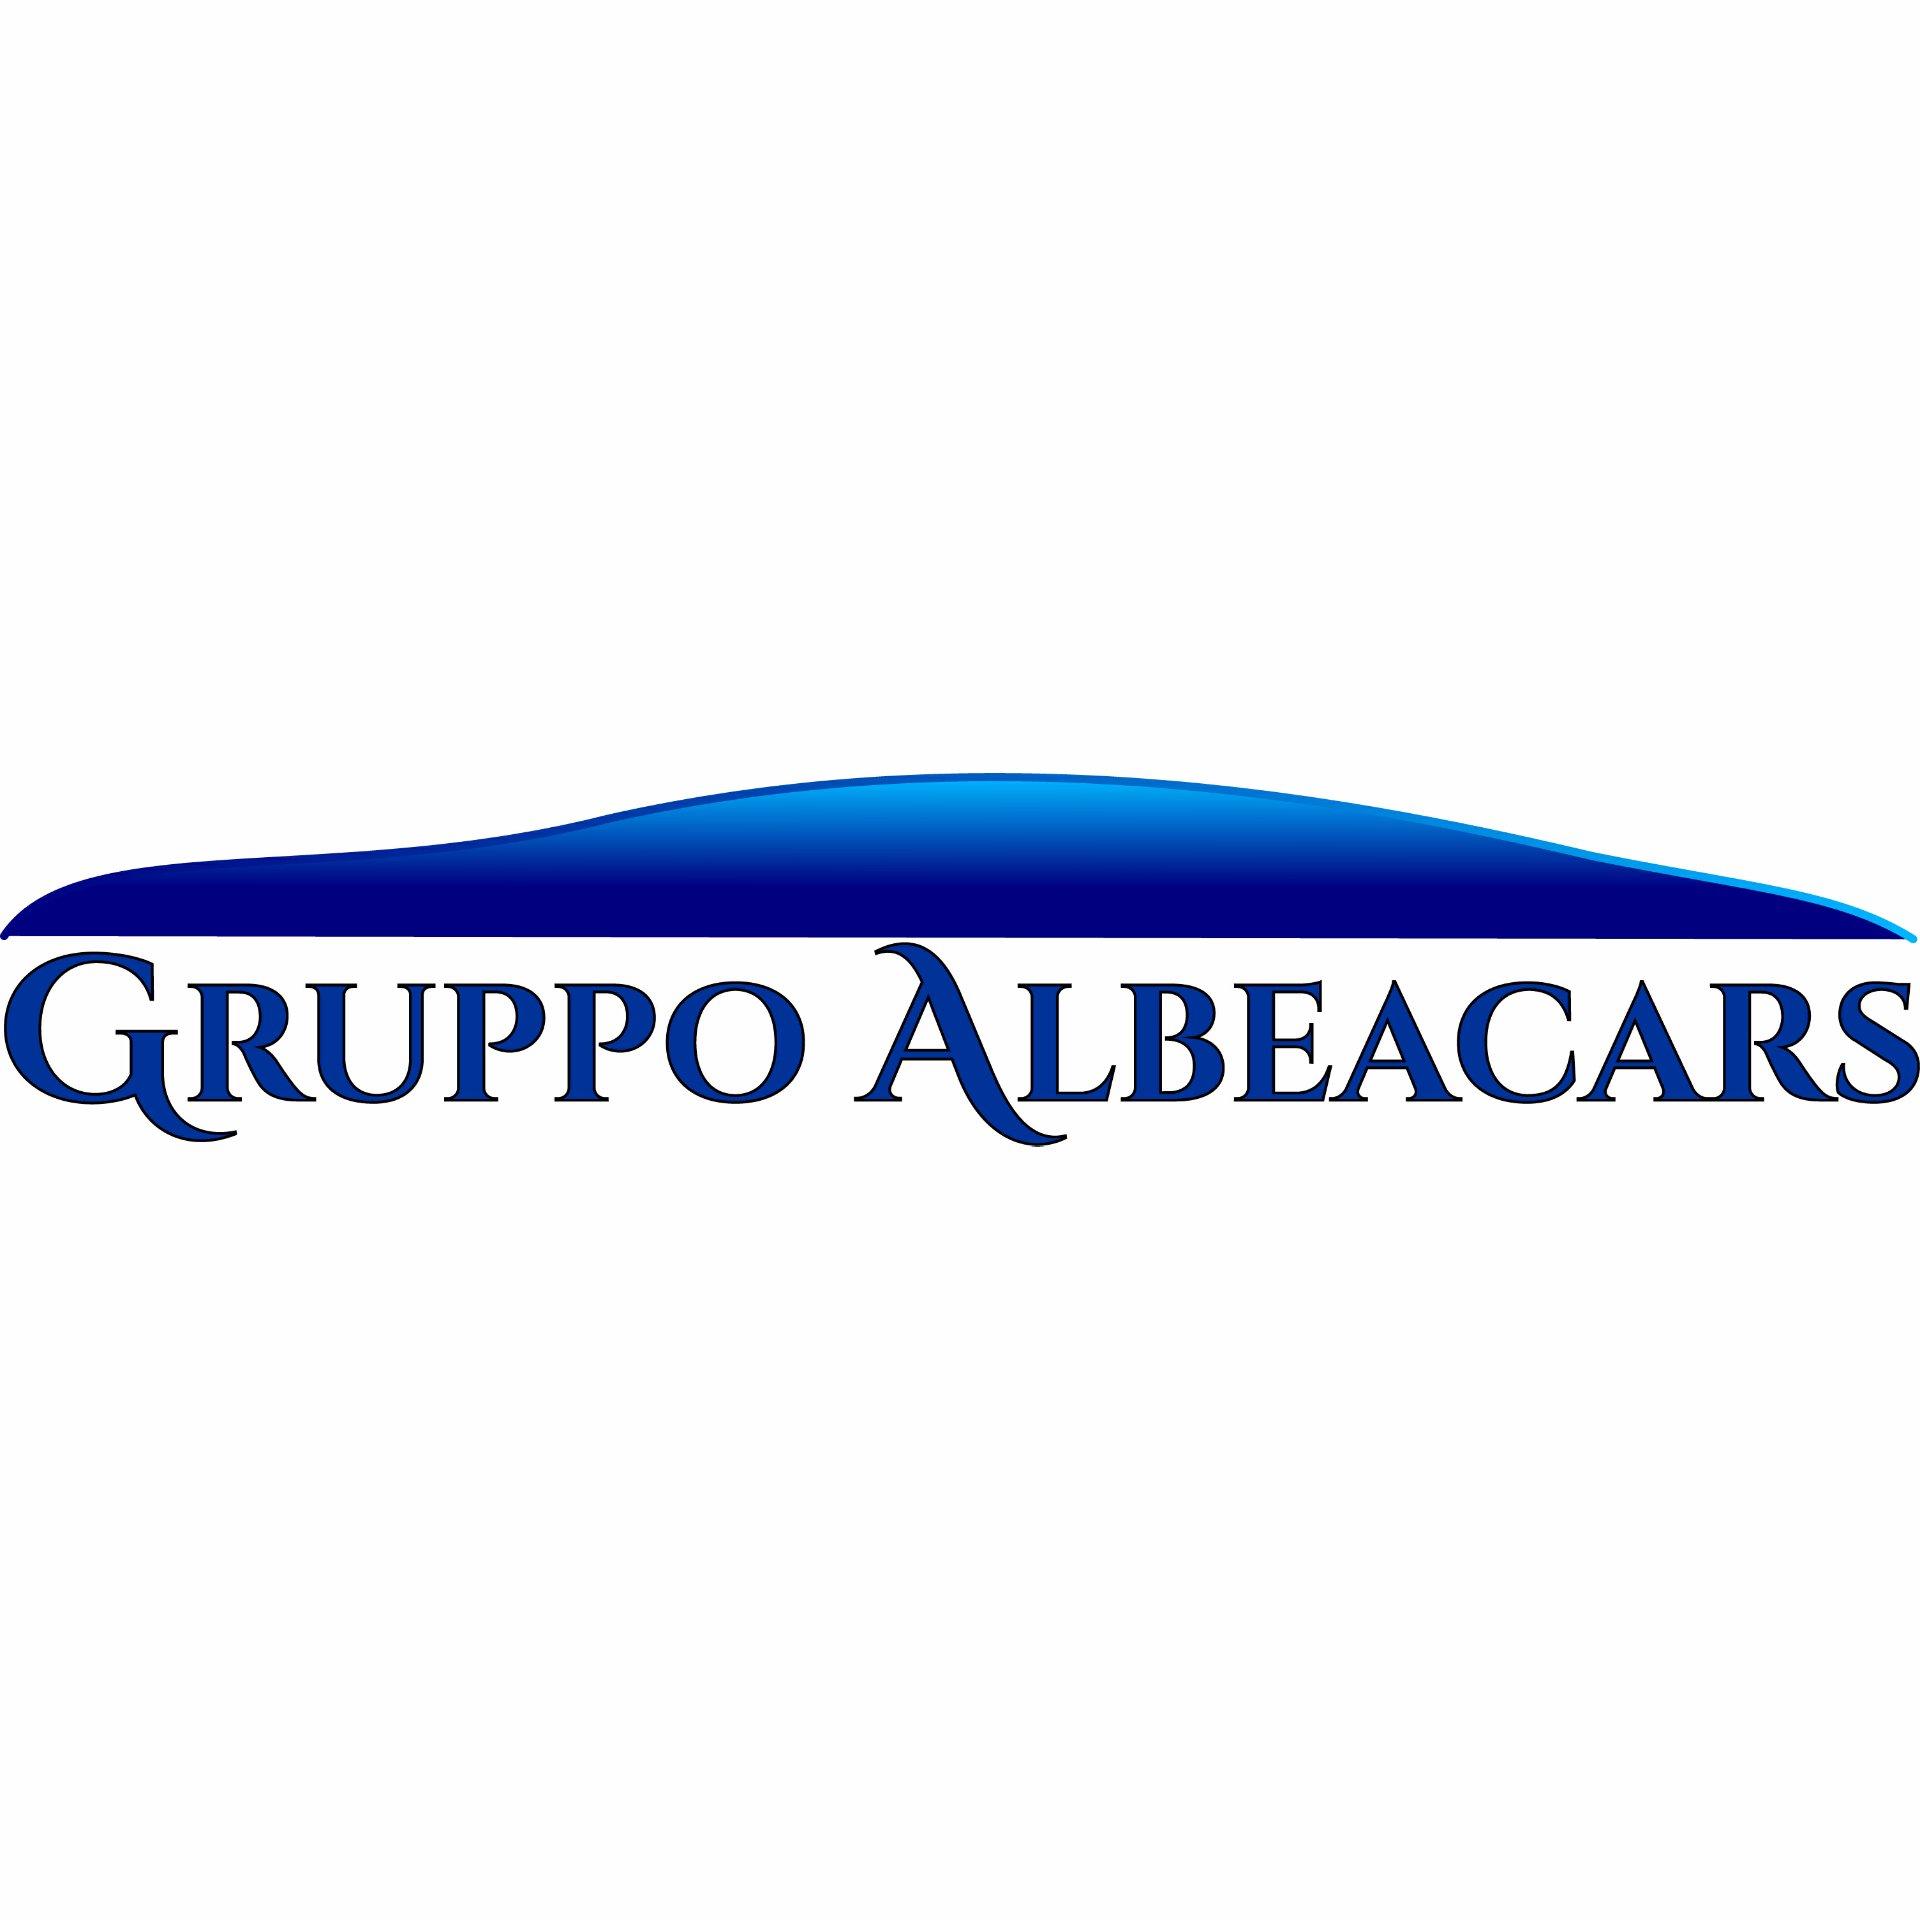 Gruppo Albeacars srl (@GruppoAlbeacars) | Twitter